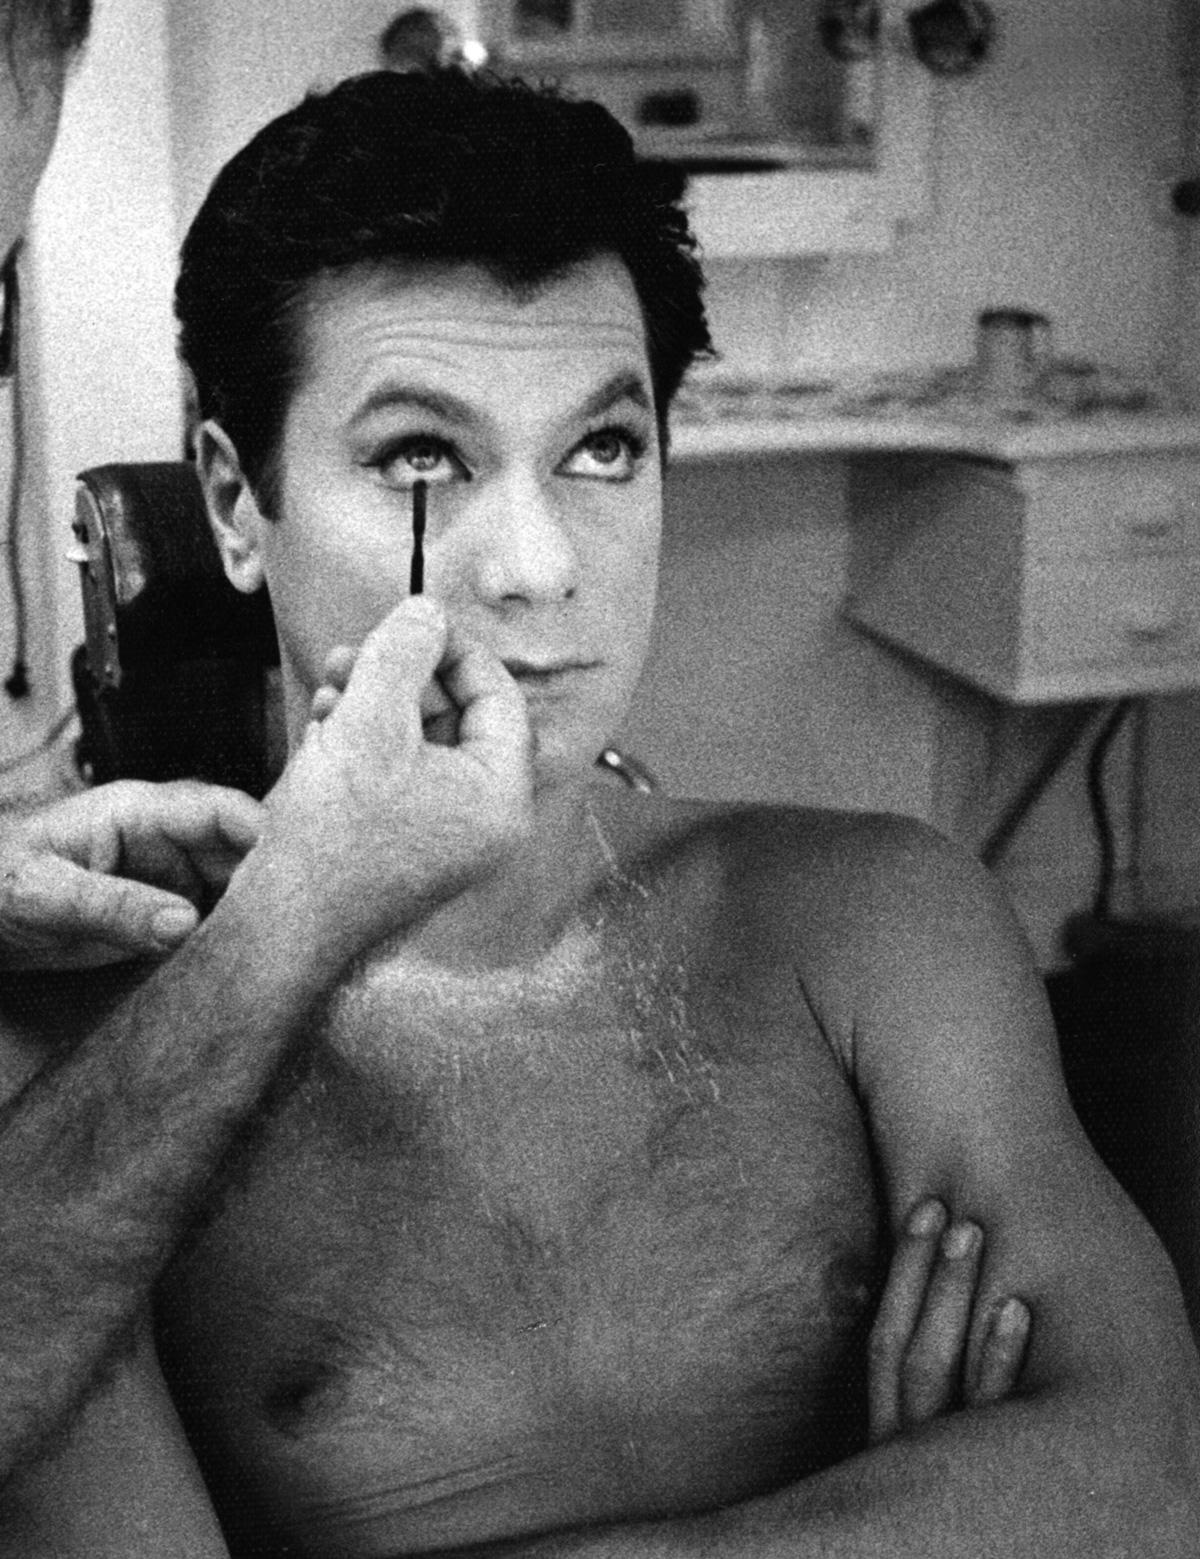 Em Quanto mais quente melhor, Tony Curtis se traveste não só como nunca se havia visto, mas também como jamais se viu desde então. Ele acredita no papel, e nós acreditamos nele